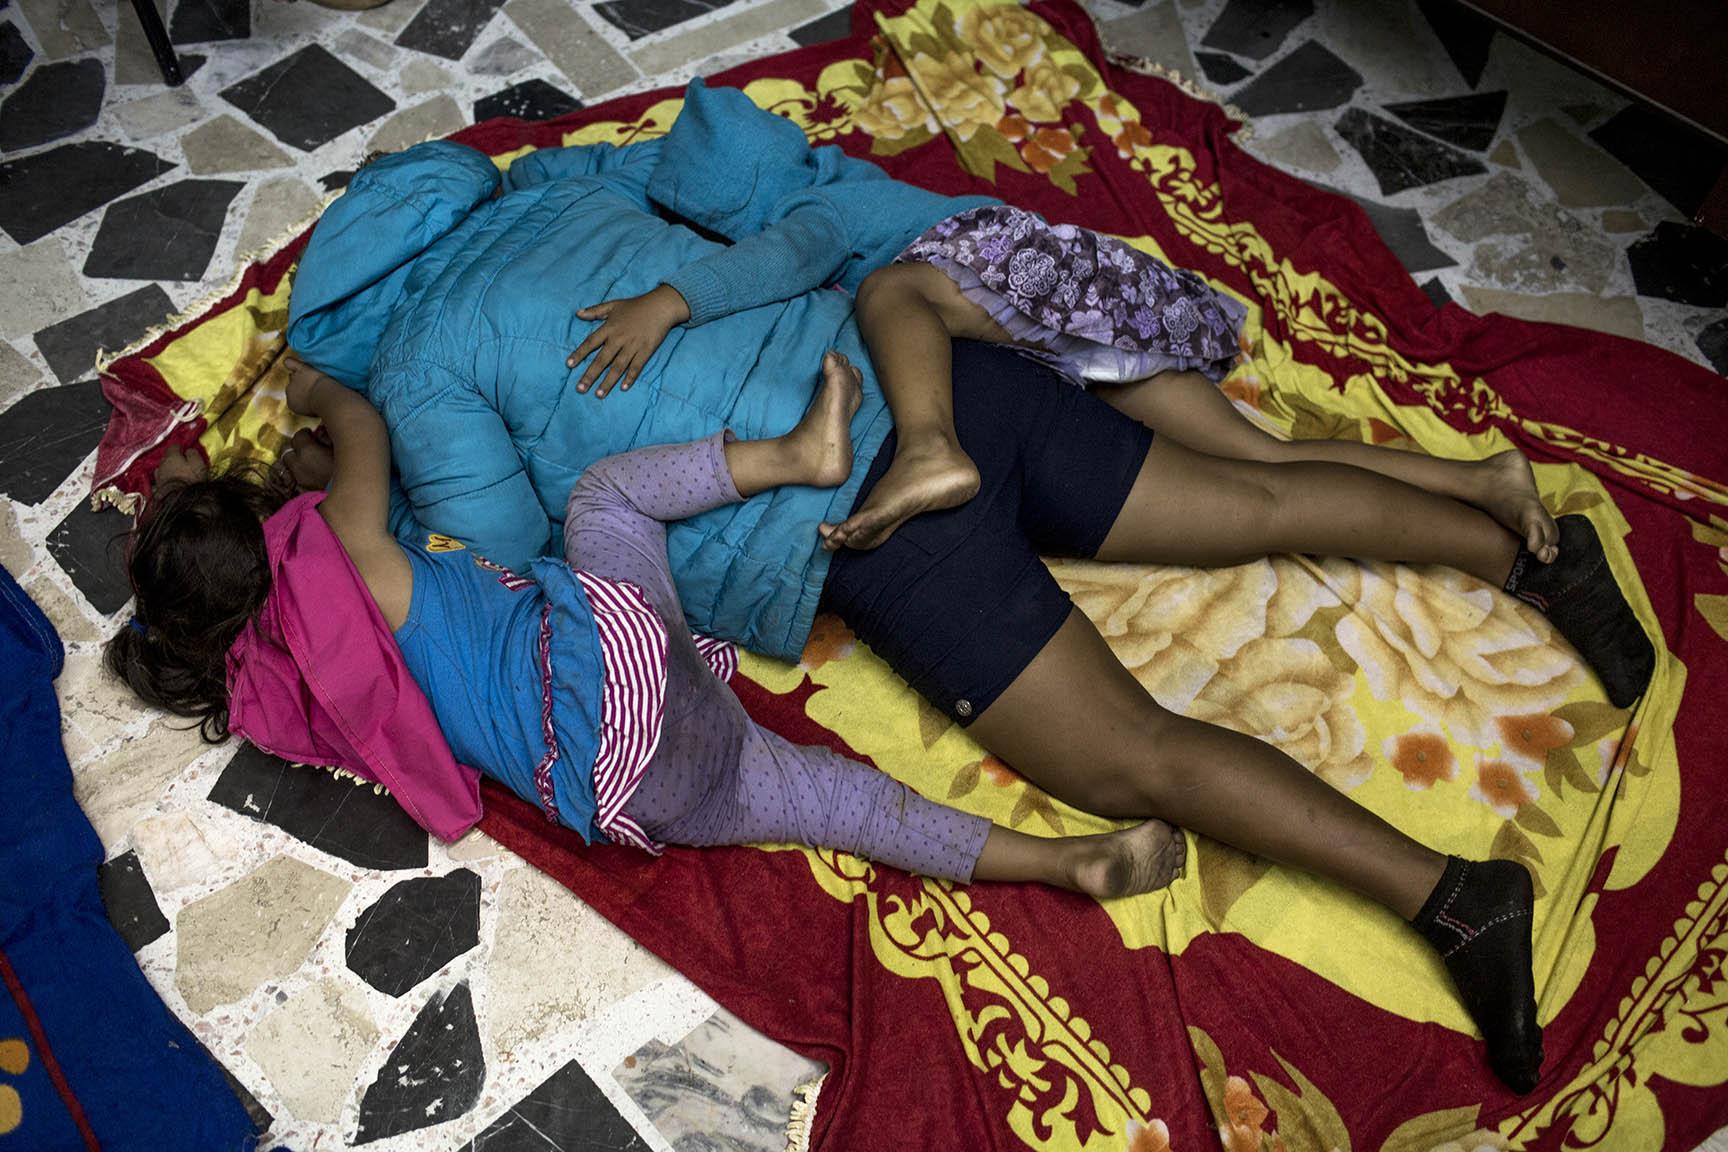 Karen y Seidy Díaz duermen tiradas encima de su mamá, Silvia, al suelo, recién llegadas al albergue de Puebla / Simone Dalmasso